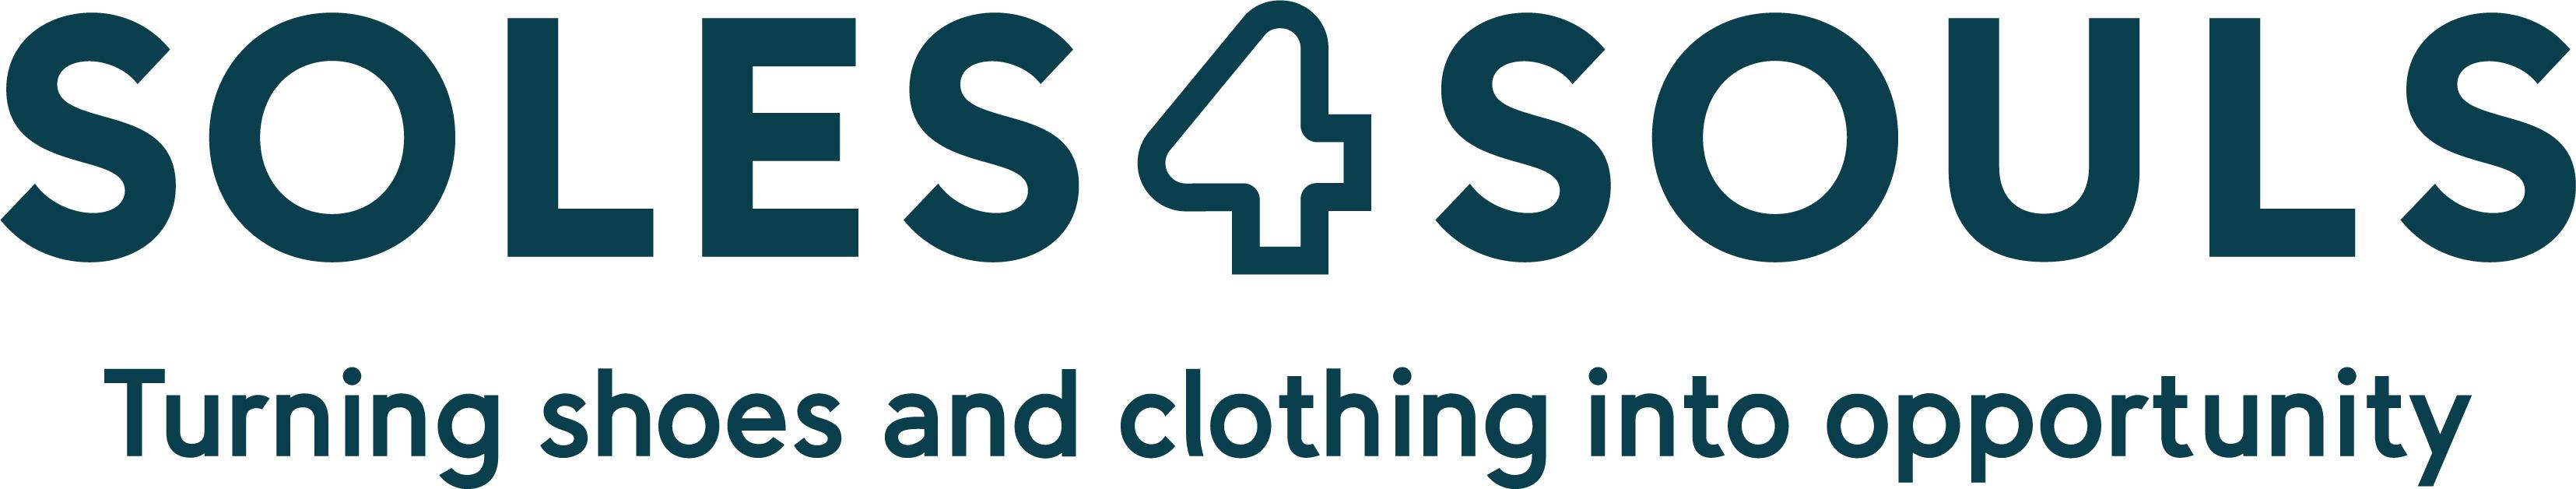 Logo of charity Soles4Souls, Inc.